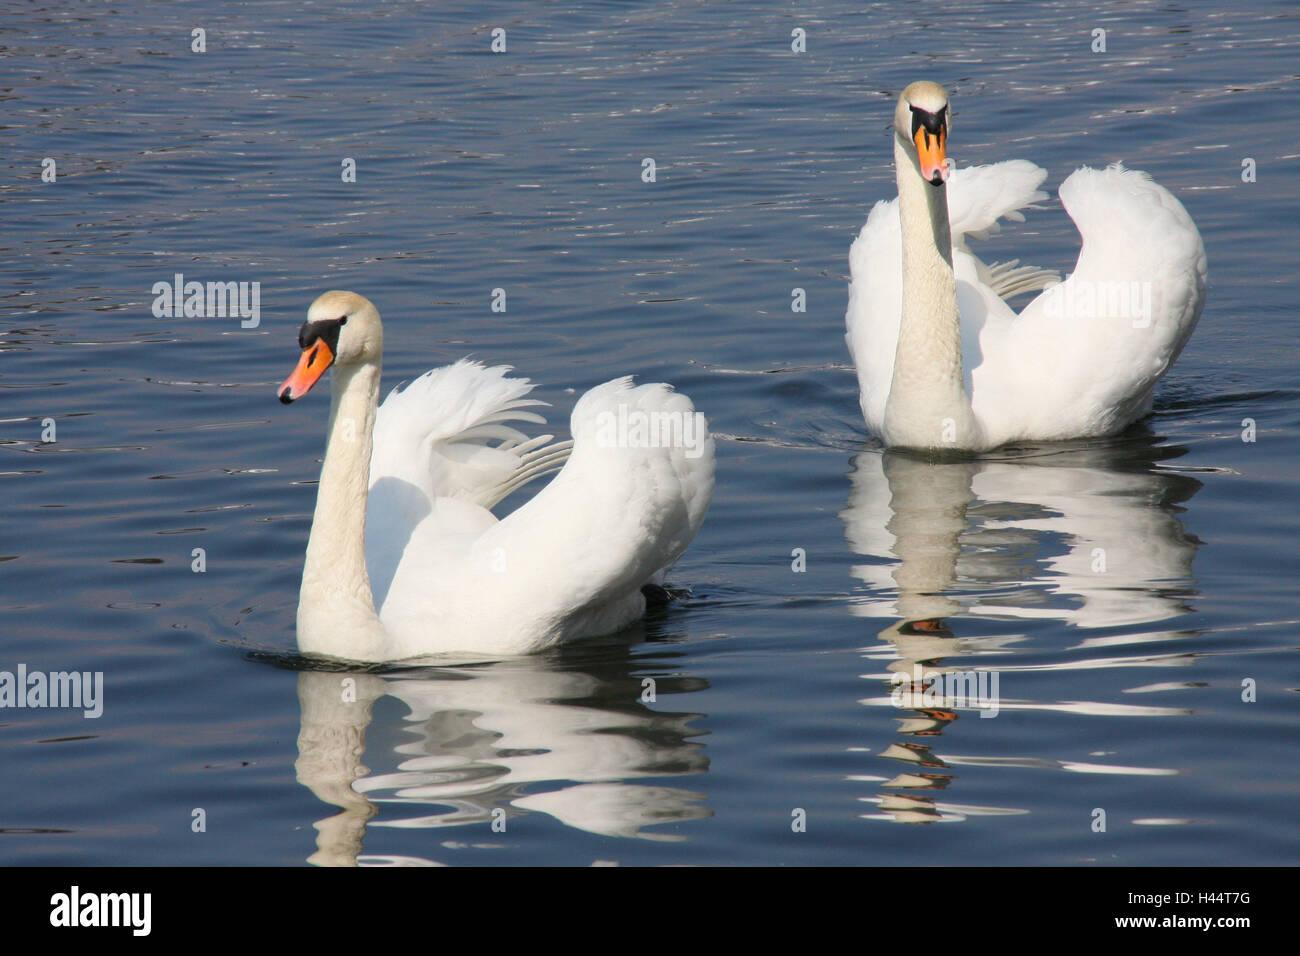 Lac, cygnes, des couples, d'animaux, oiseaux, cygnes, bosse deux, nager, en couple, en paires, la Pologne, la Photo Stock